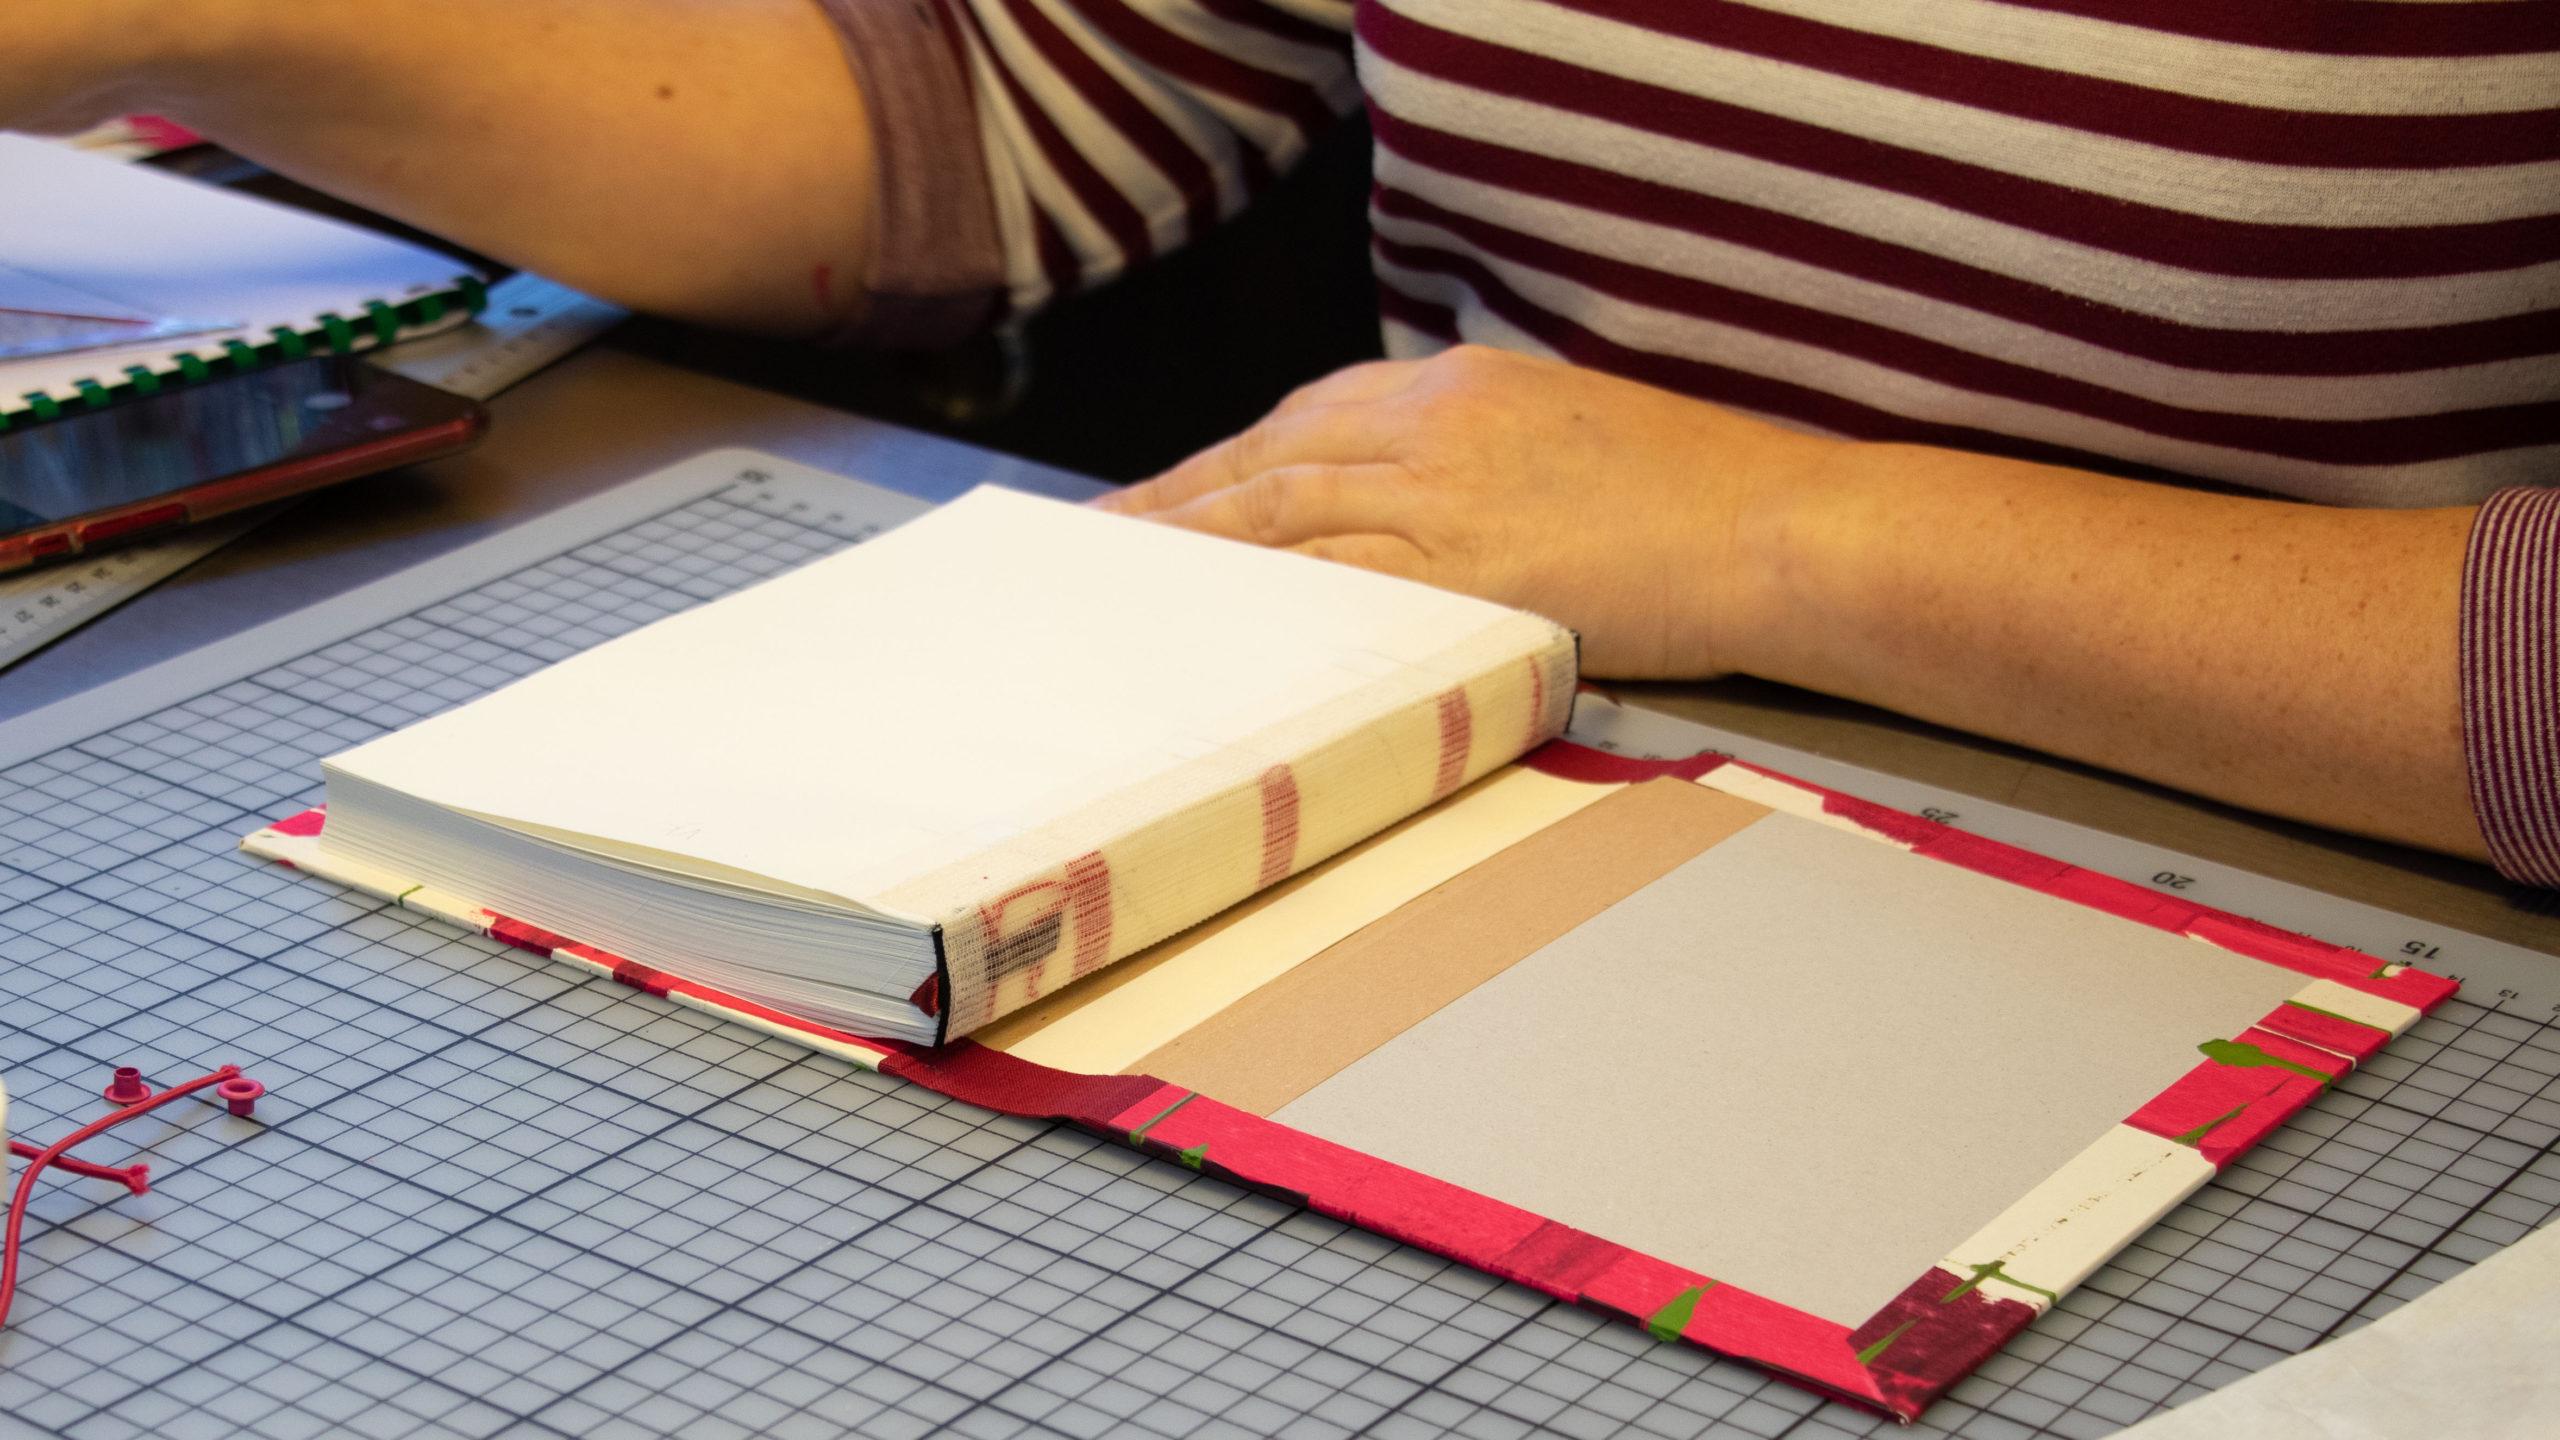 Himmelsperlen Buchbinden Workshop